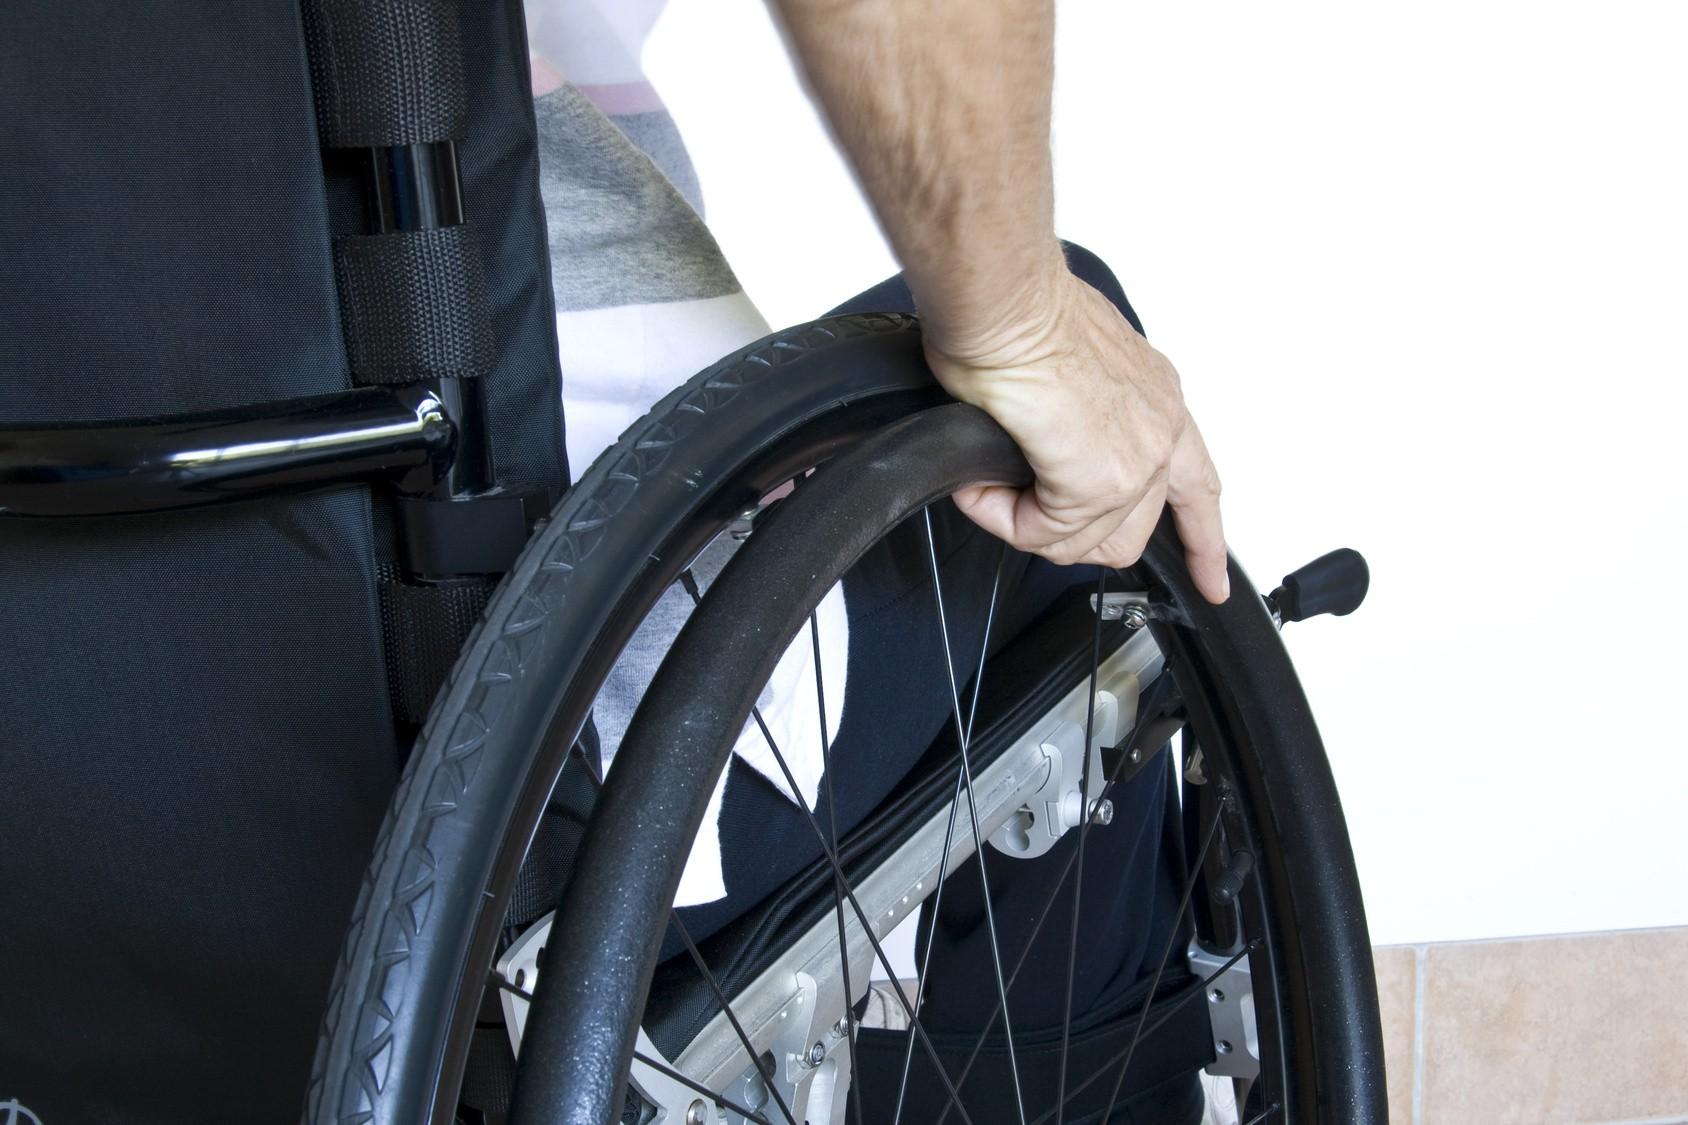 El síndic insta al Ayuntamiento de Elche a que solucione los problemas de filtraciones y accesibilidad para discapacitados en el aparcamiento del Paseo Nit de l'Alba